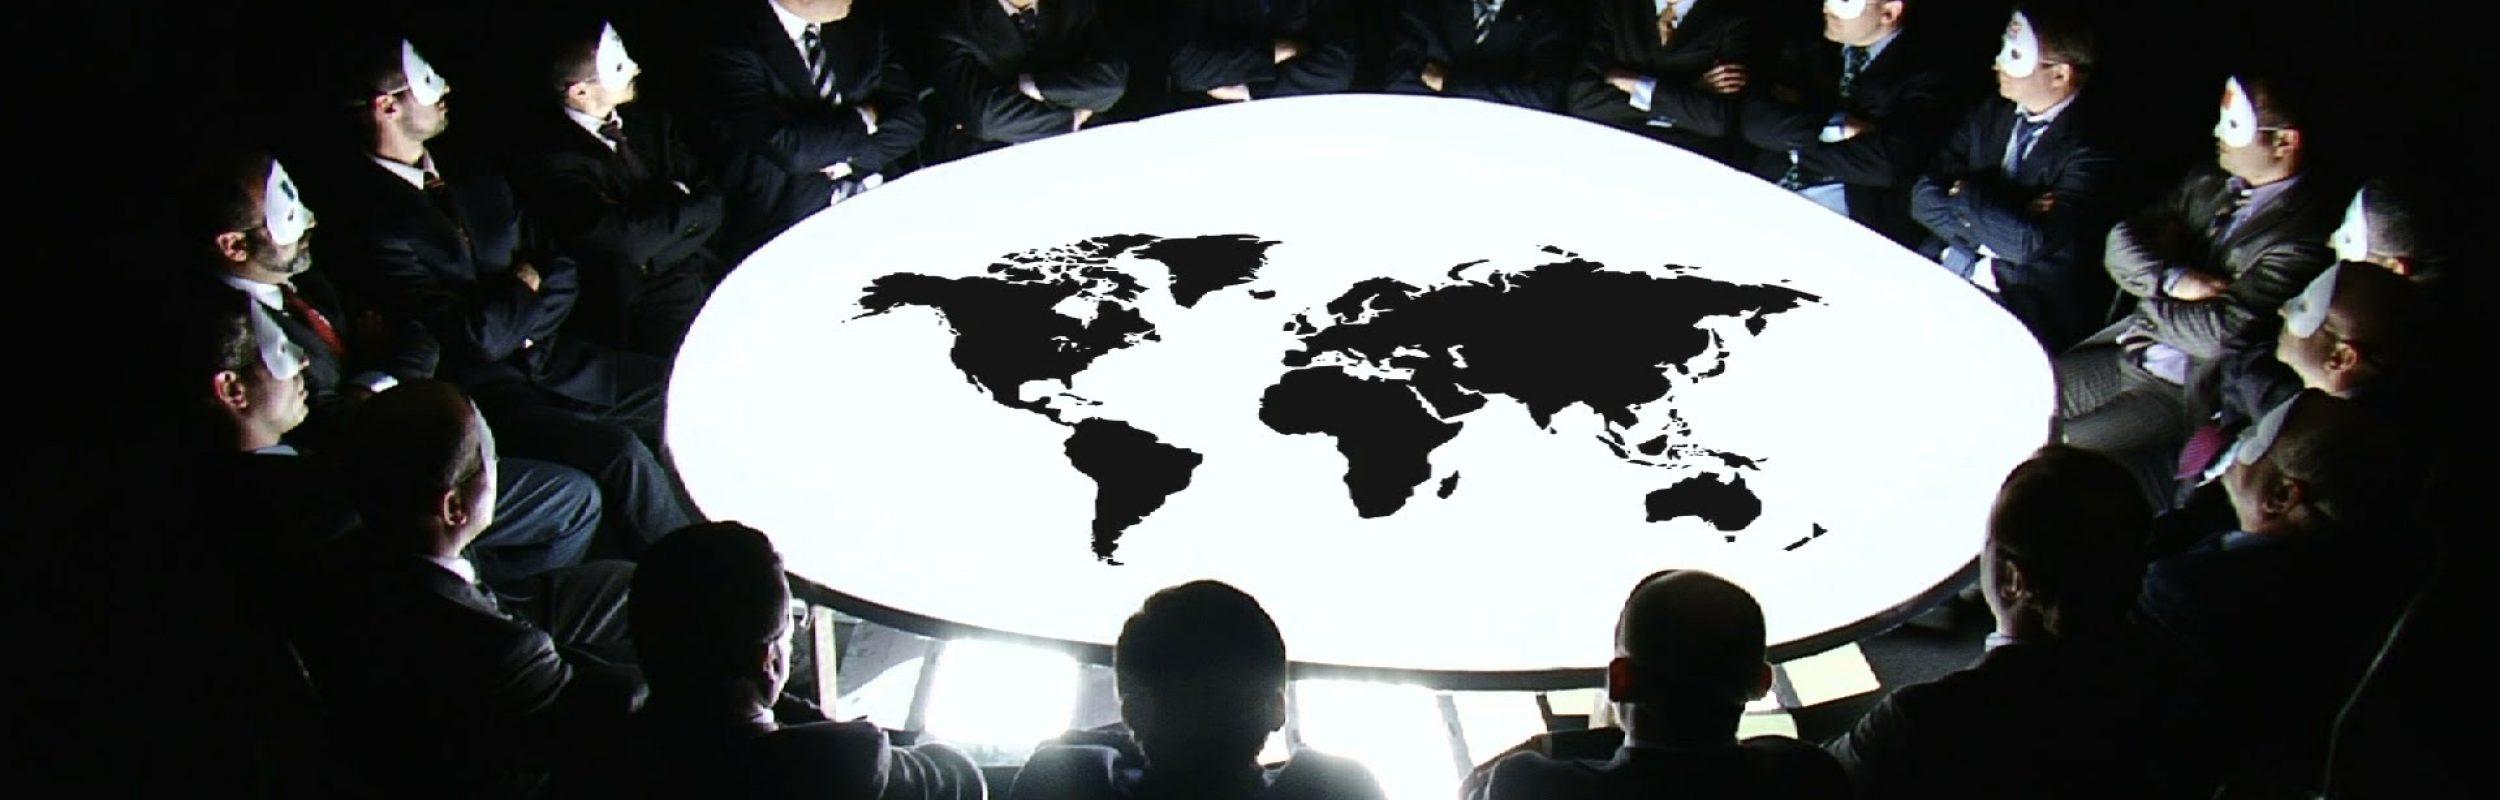 ¿Qué Depara el Nuevo Orden Mundial en Los Próximos 10 Años?